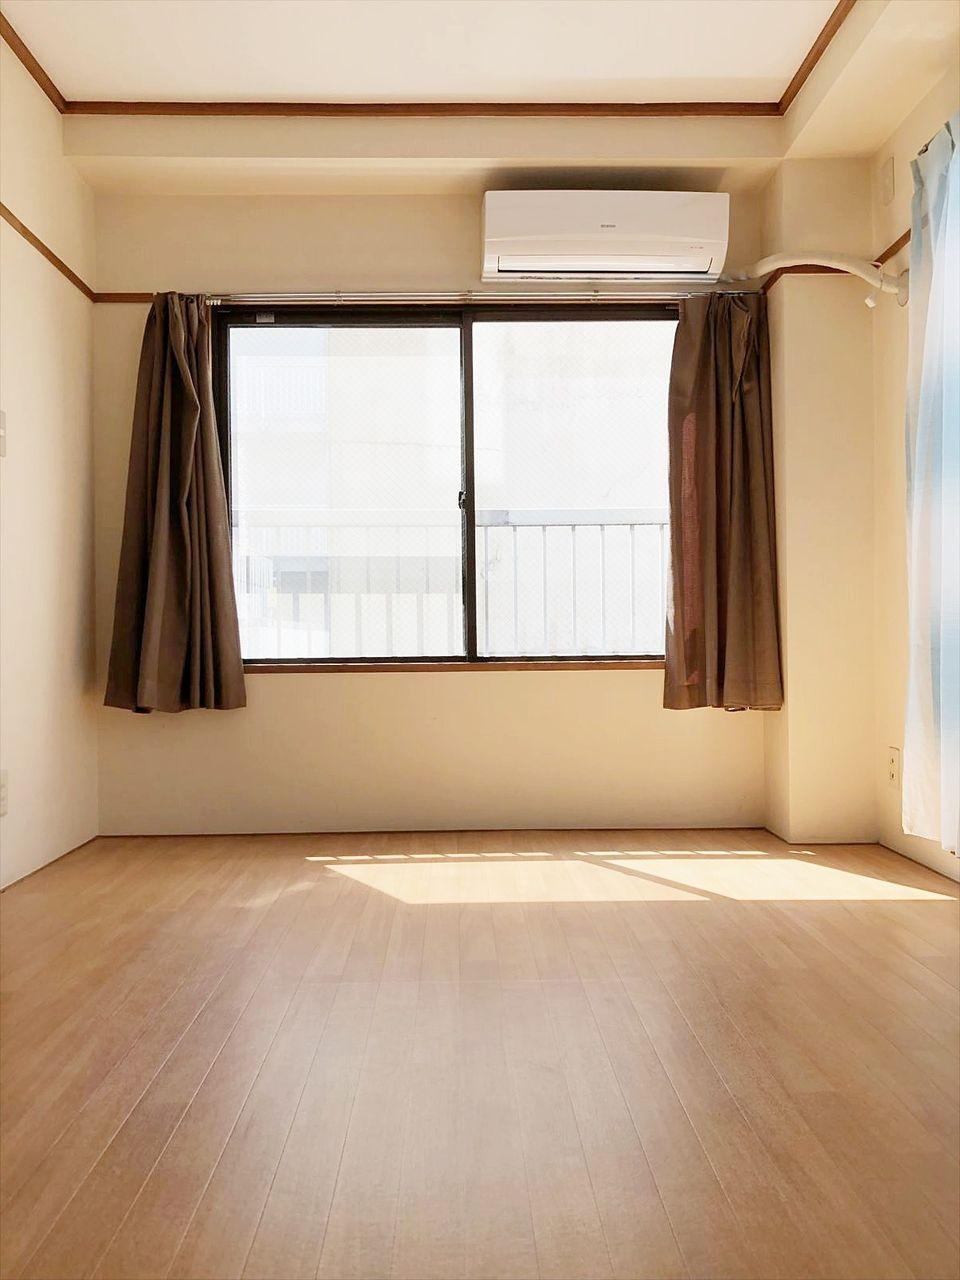 和室を洋室にリフォームしたクレインヴィレッジ401号室 南側に窓があり明るいお部屋です。